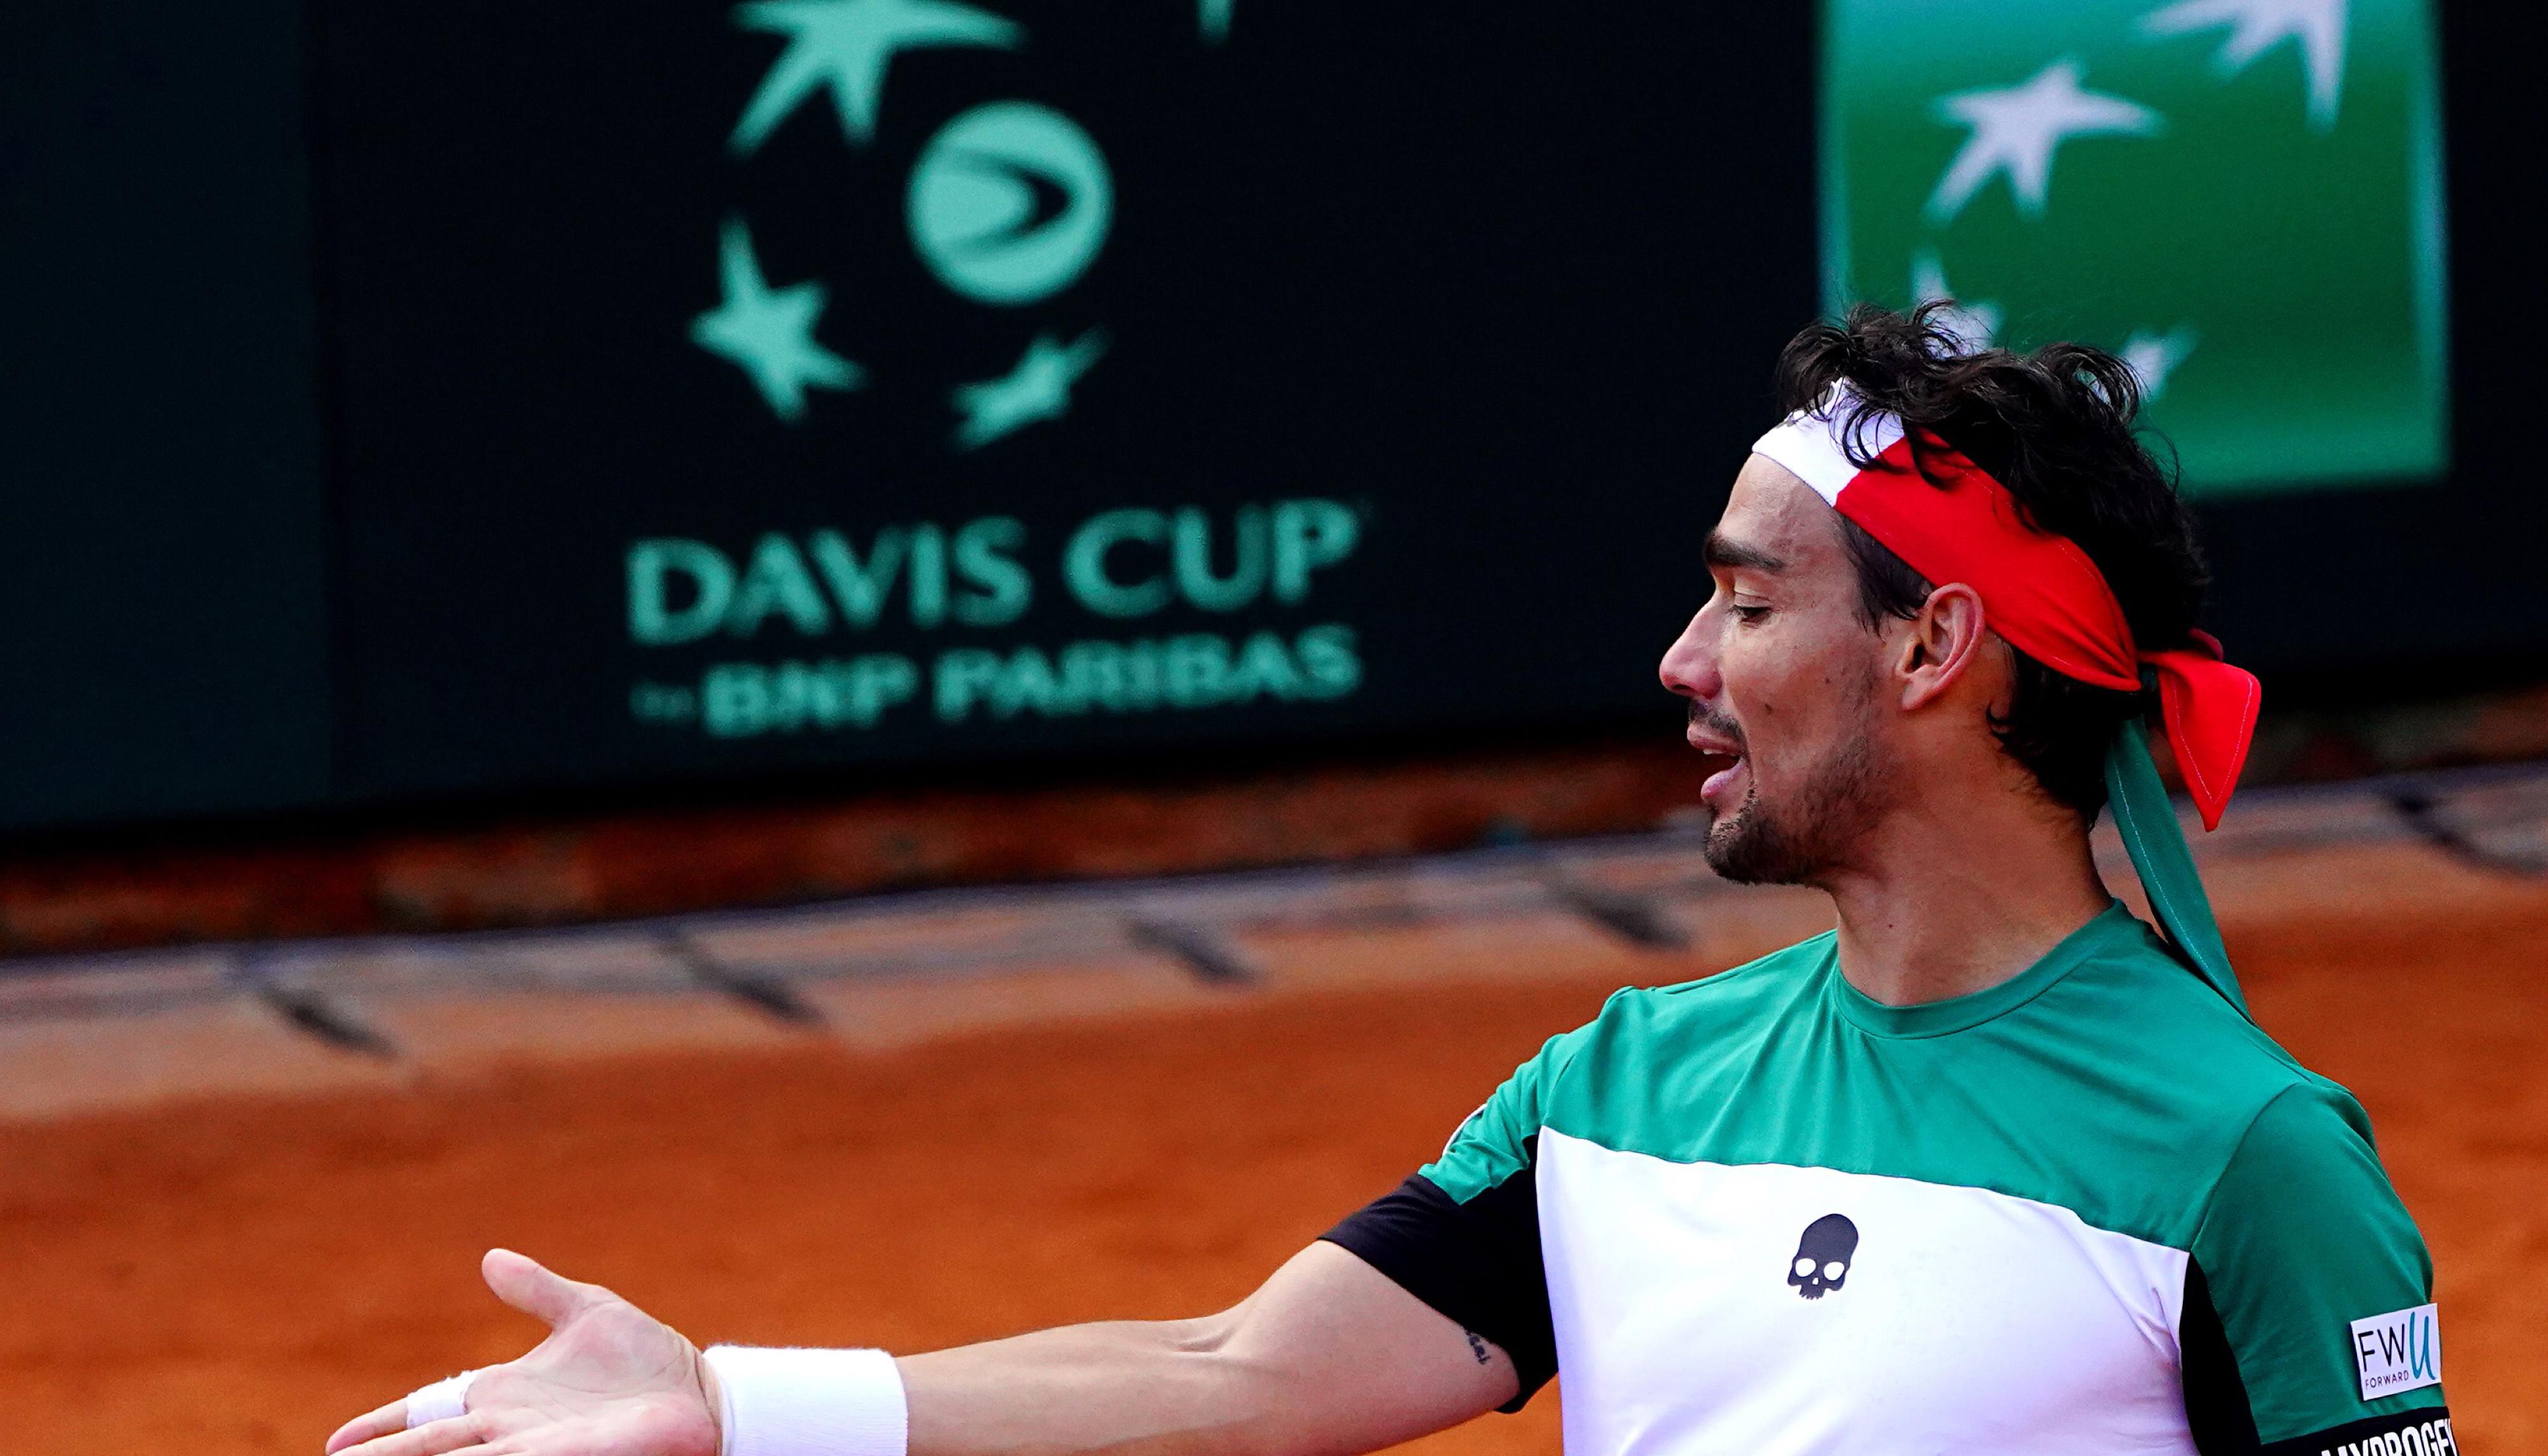 Davis Cup: So soll das viel kritisierte, neue Format ablaufen